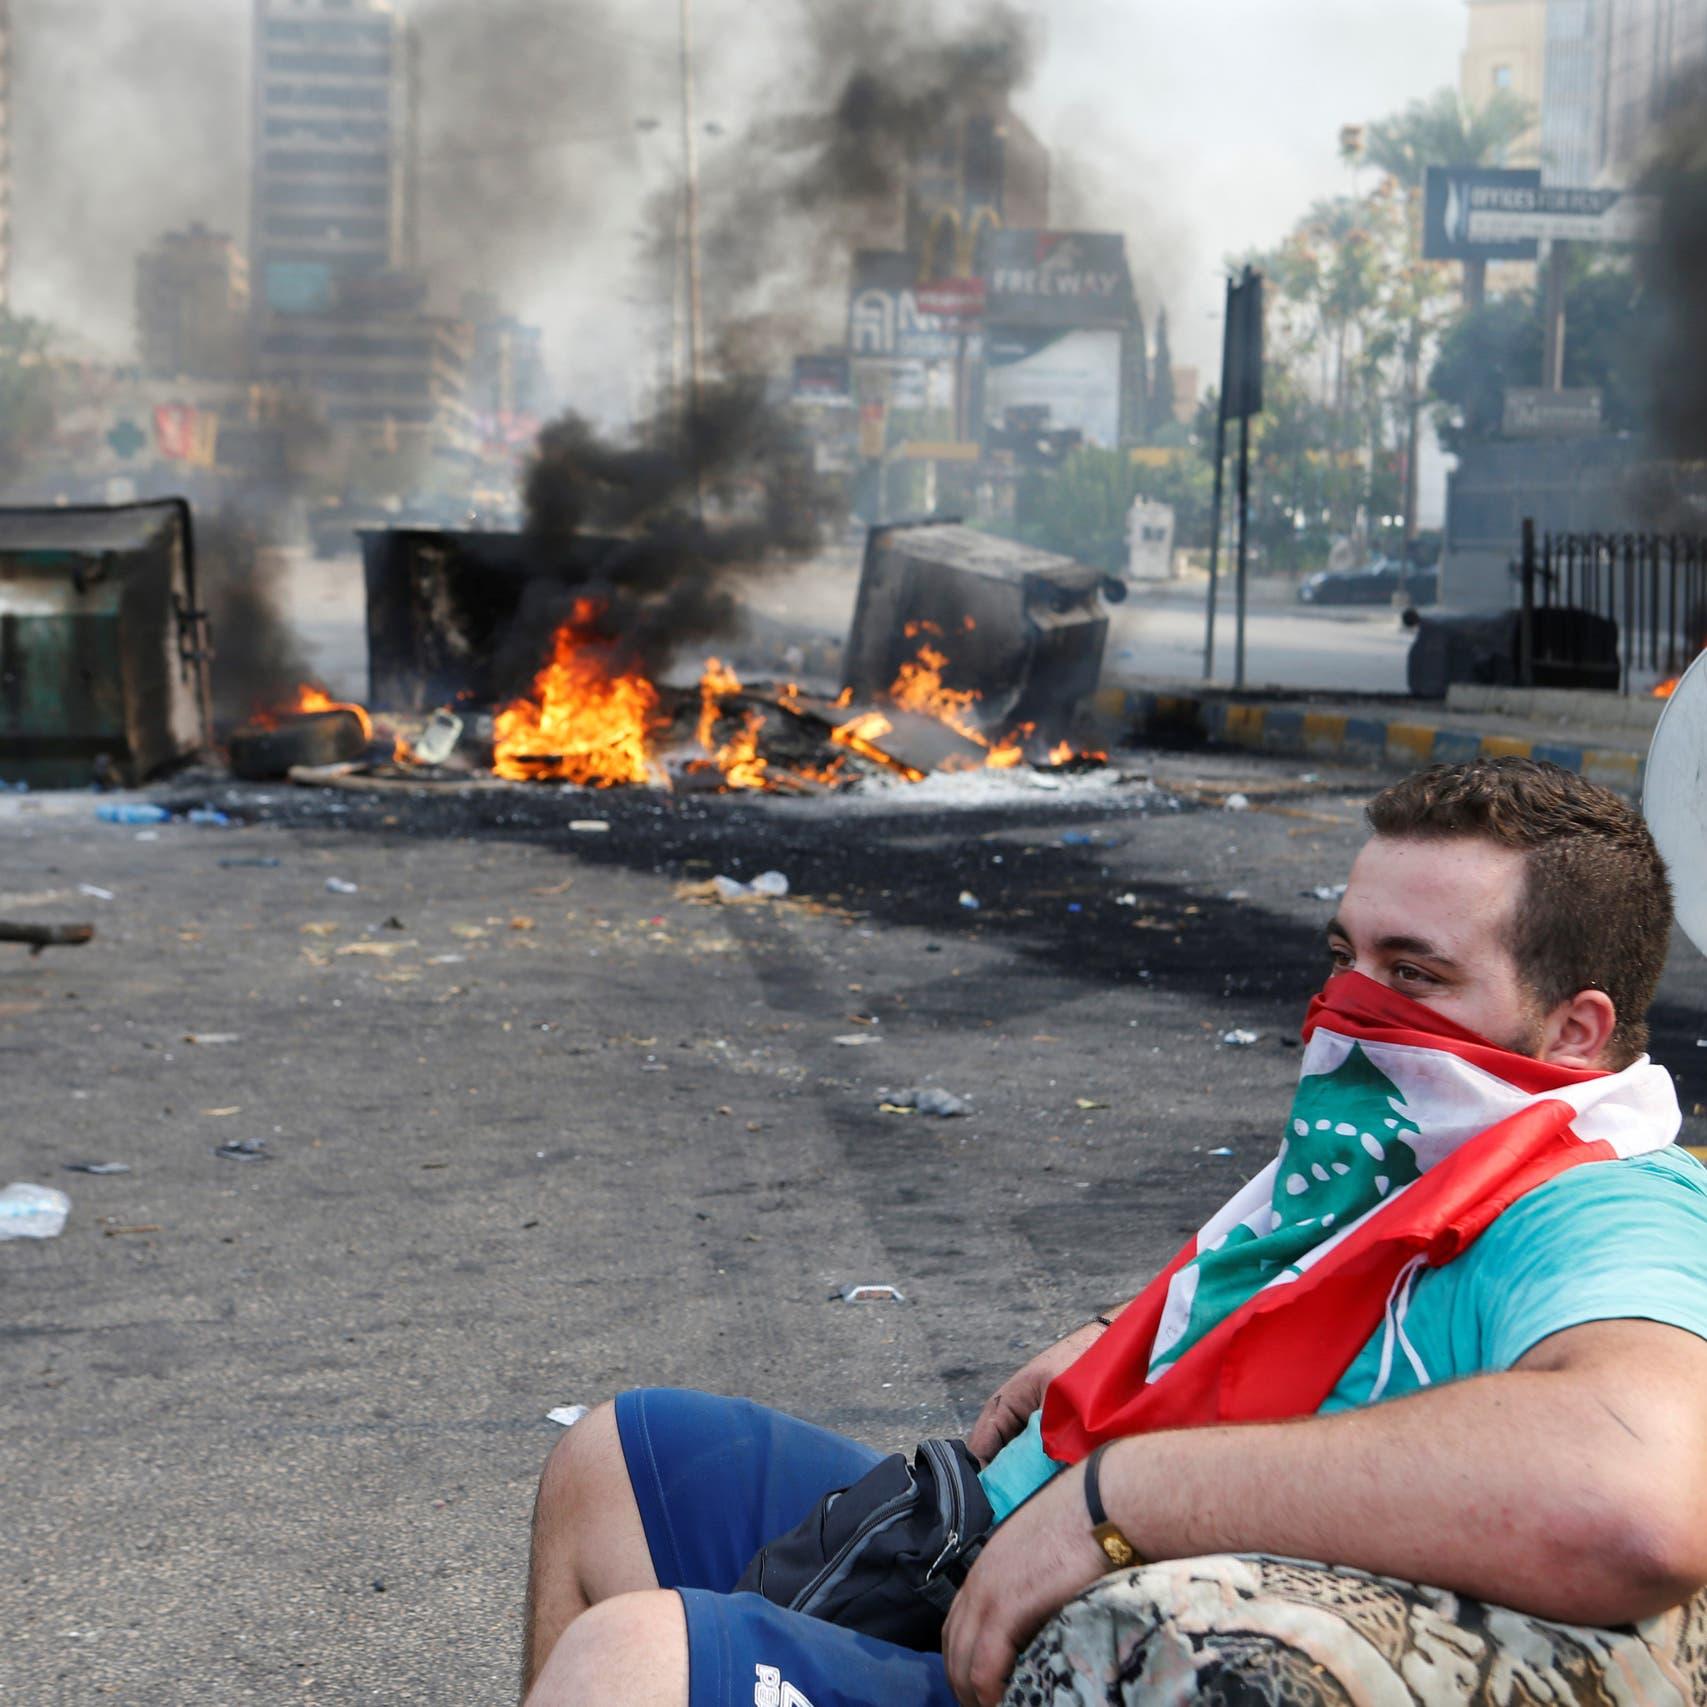 ارتفاع كلفة التأمين على ديون لبنان لـ5 سنوات بسبب التظاهرات